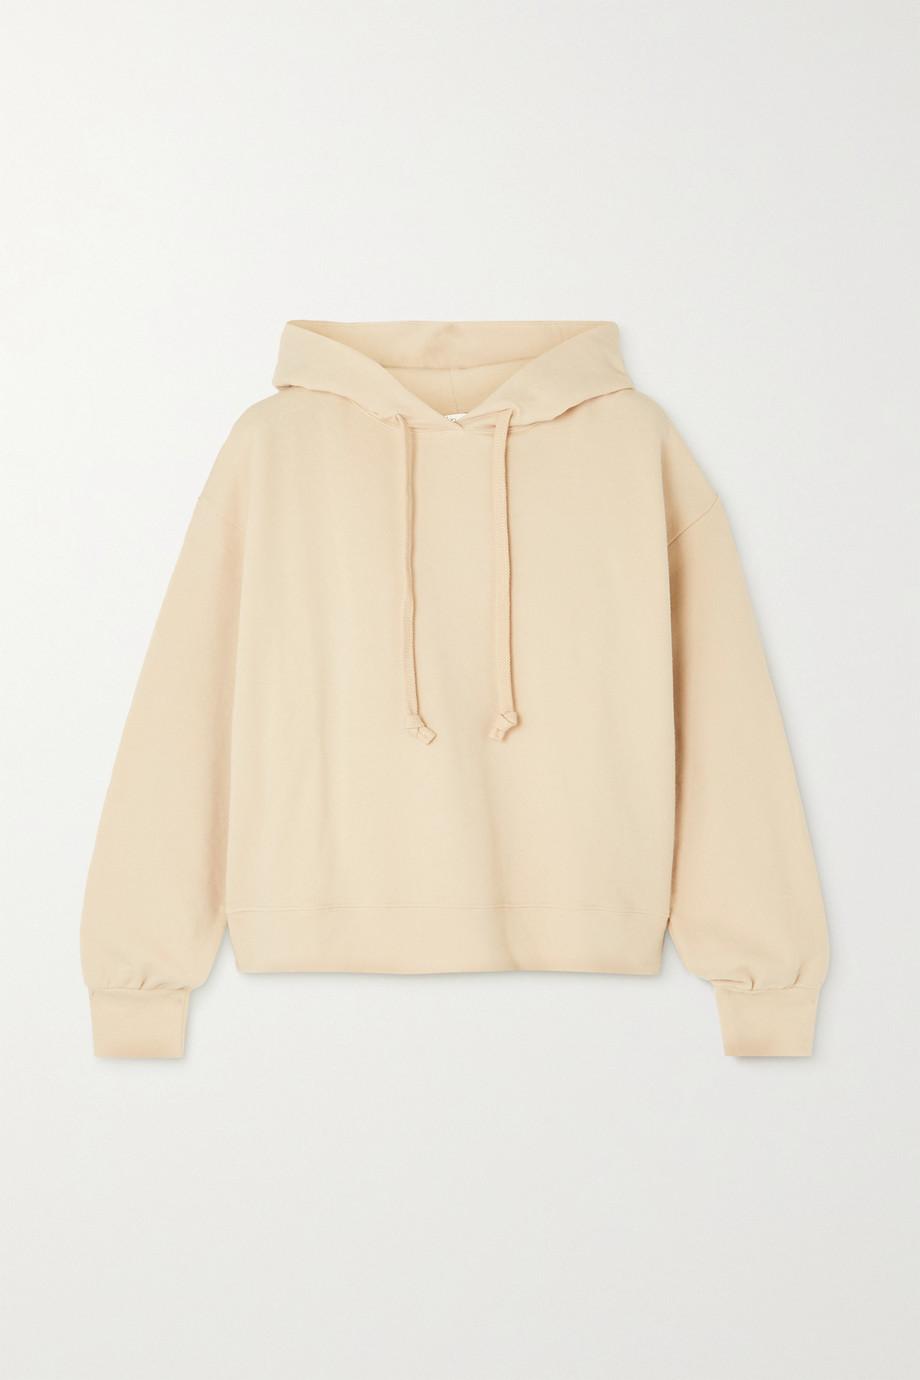 Skin + NET SUSTAIN Elsie stretch organic cotton-jersey hoodie